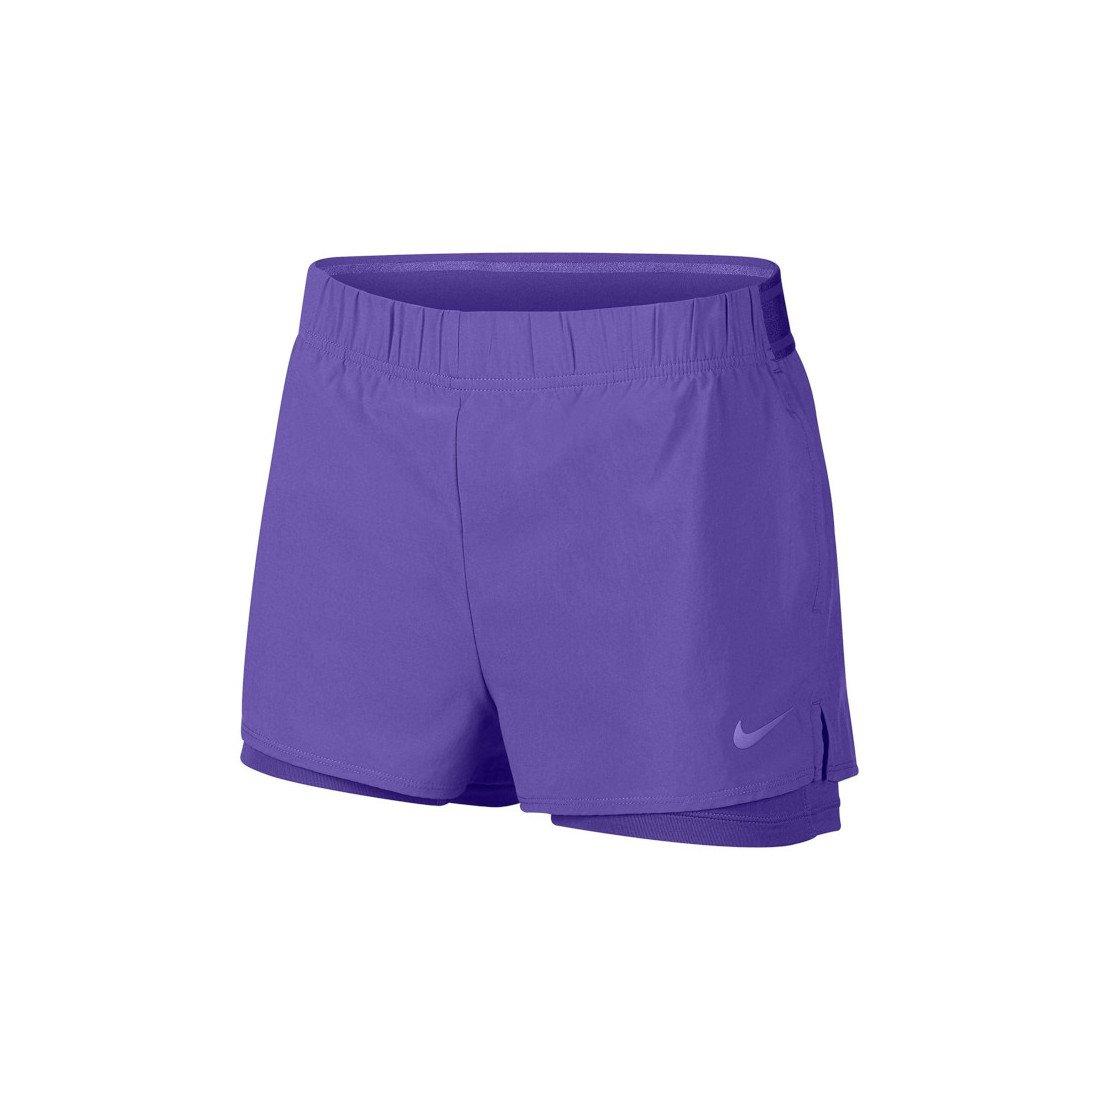 Nike Women's Tennis Court Flex Short